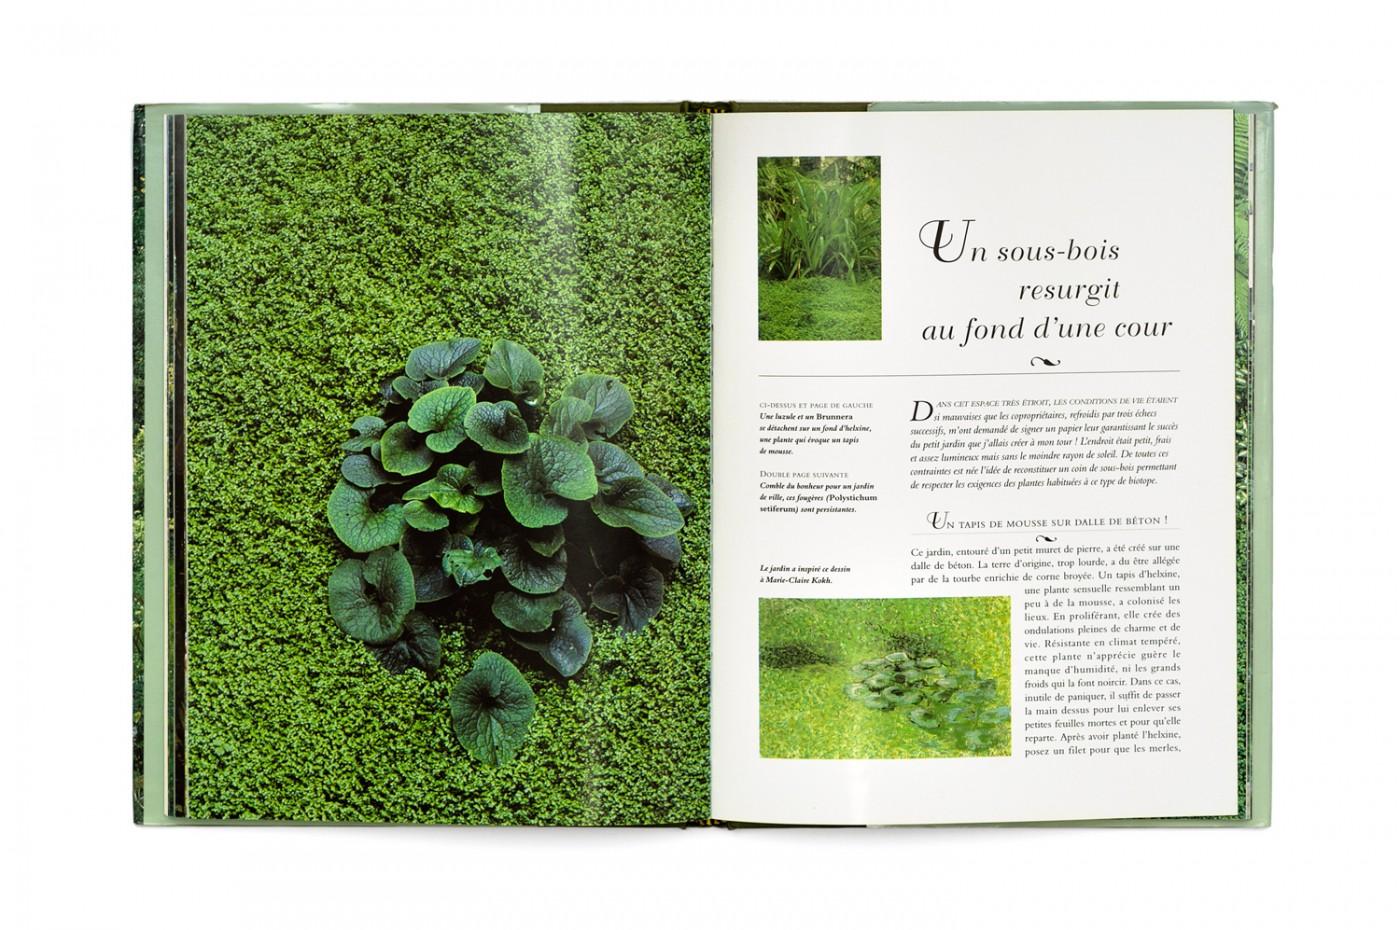 Jardins poemes 5 1400x930